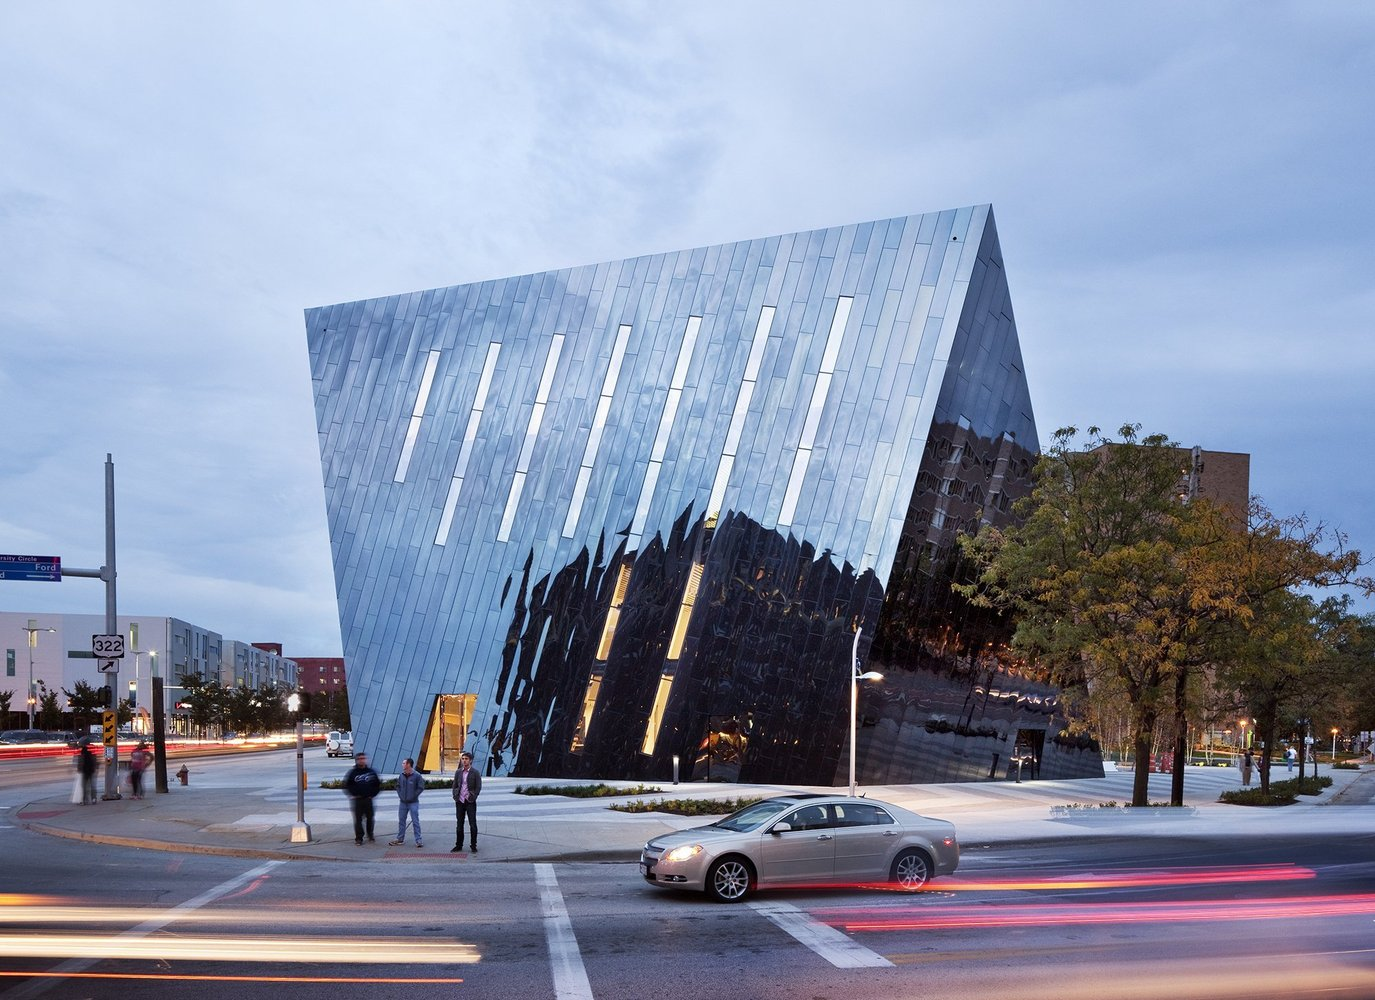 طراحی اولین مرکز اسماعیلیه در آمریکا توشط فرشید موسوی